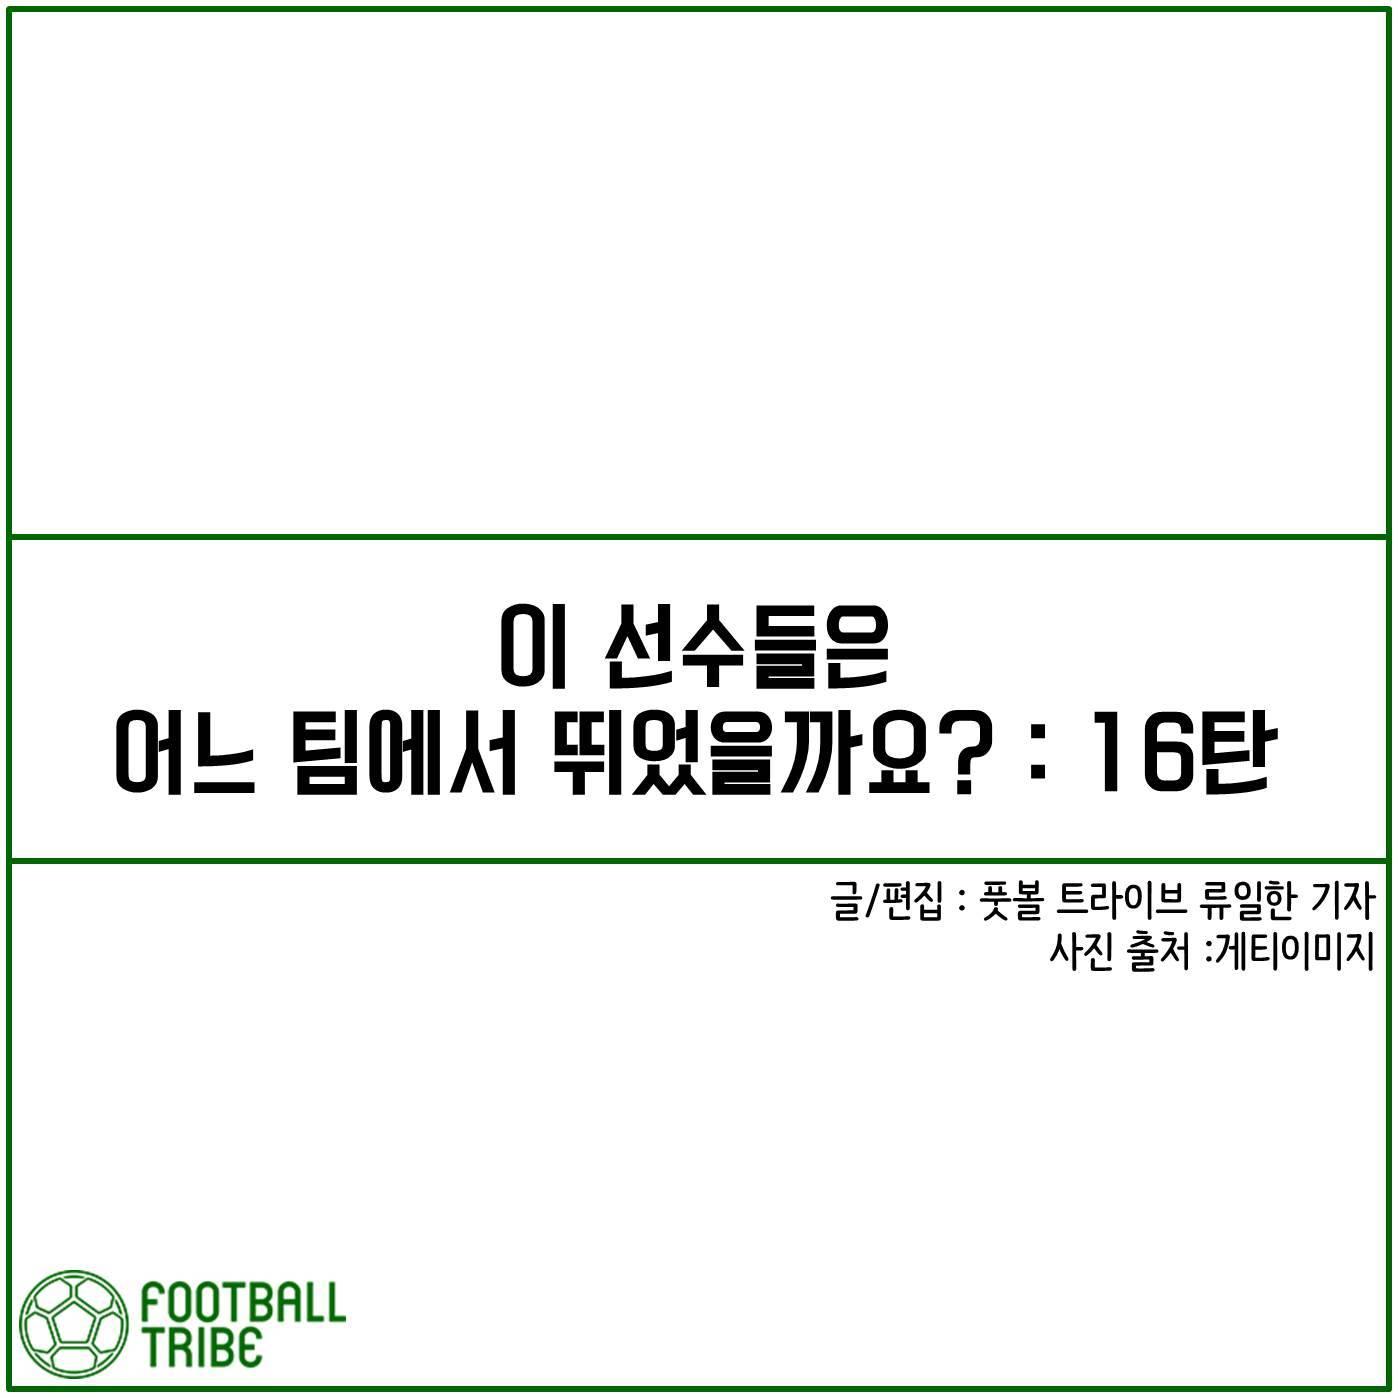 [카드 뉴스] 이 선수들은 어느 팀에서 뛰었을까요?: 16탄